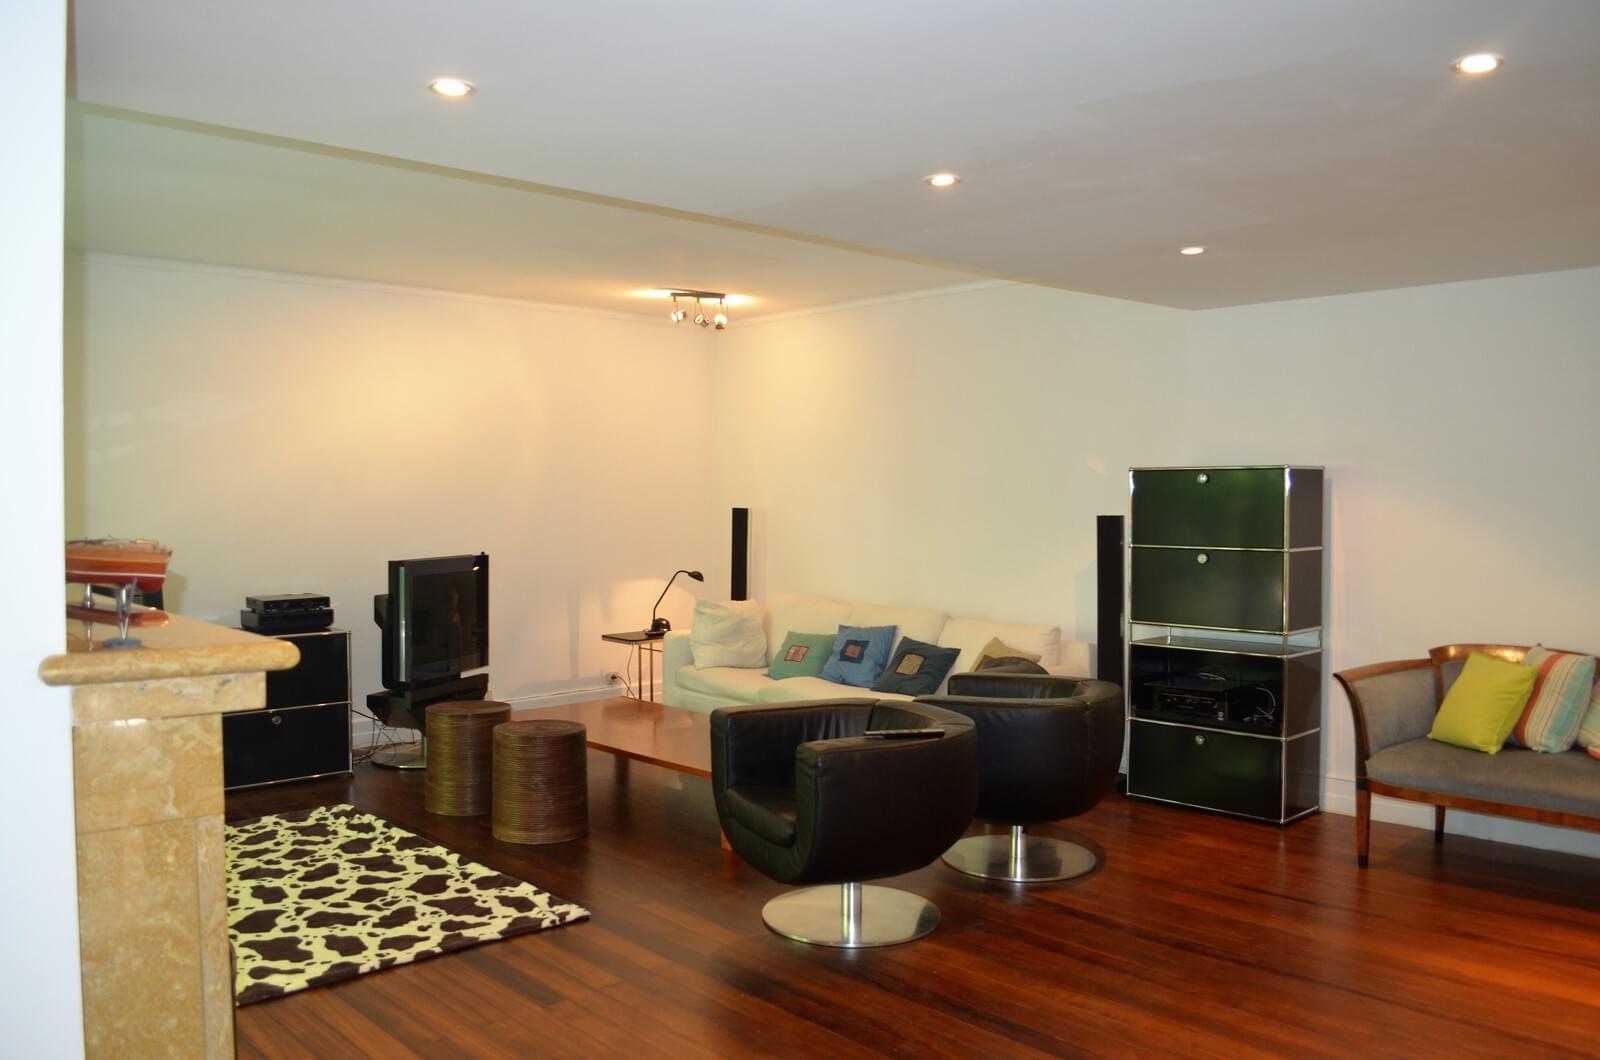 pf17565-apartamento-t3-lisboa-9969e1dd-f66e-477f-9afc-49e44c793928